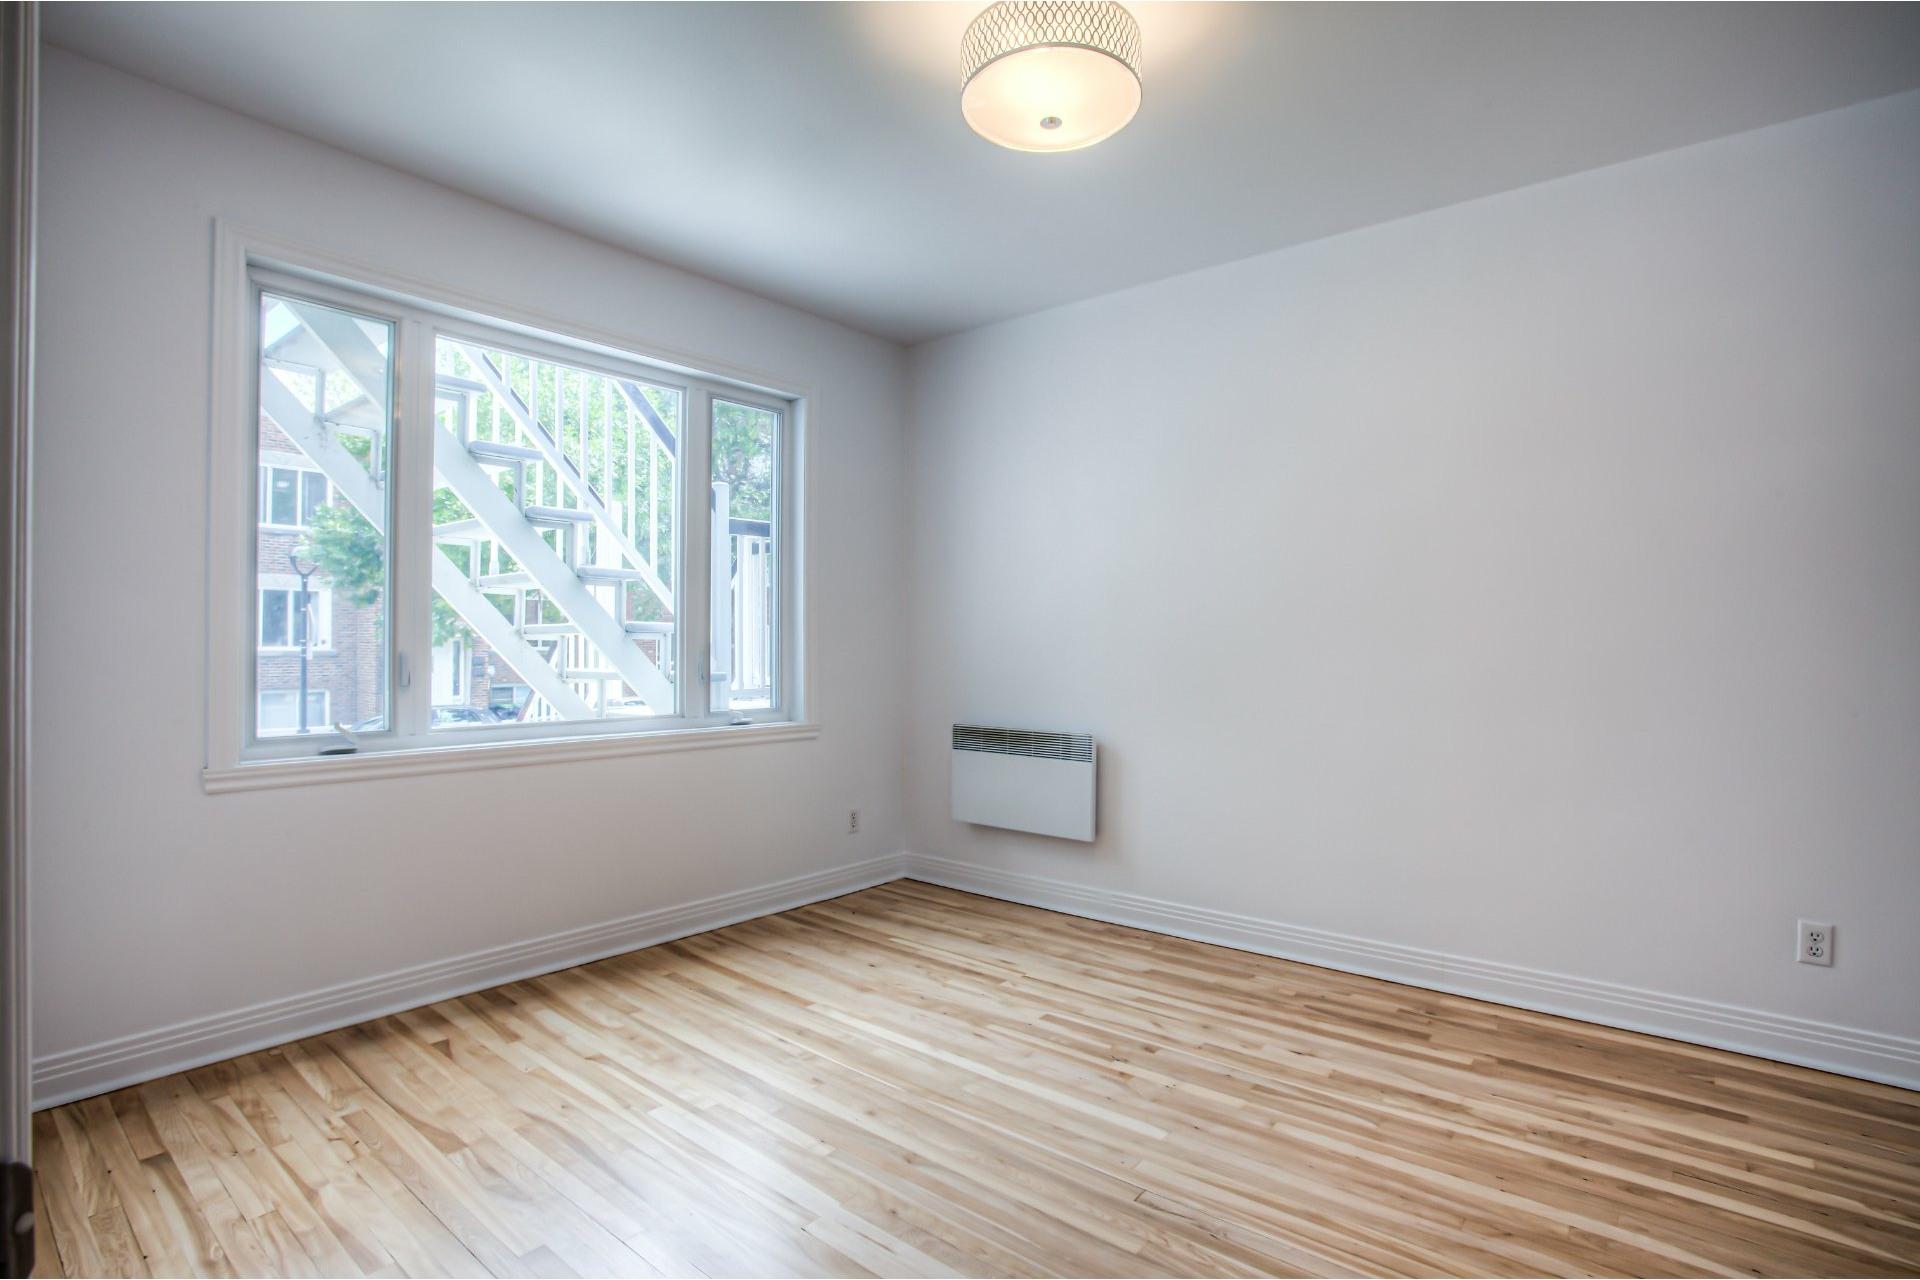 image 6 - Duplex À vendre Le Sud-Ouest Montréal  - 7 pièces